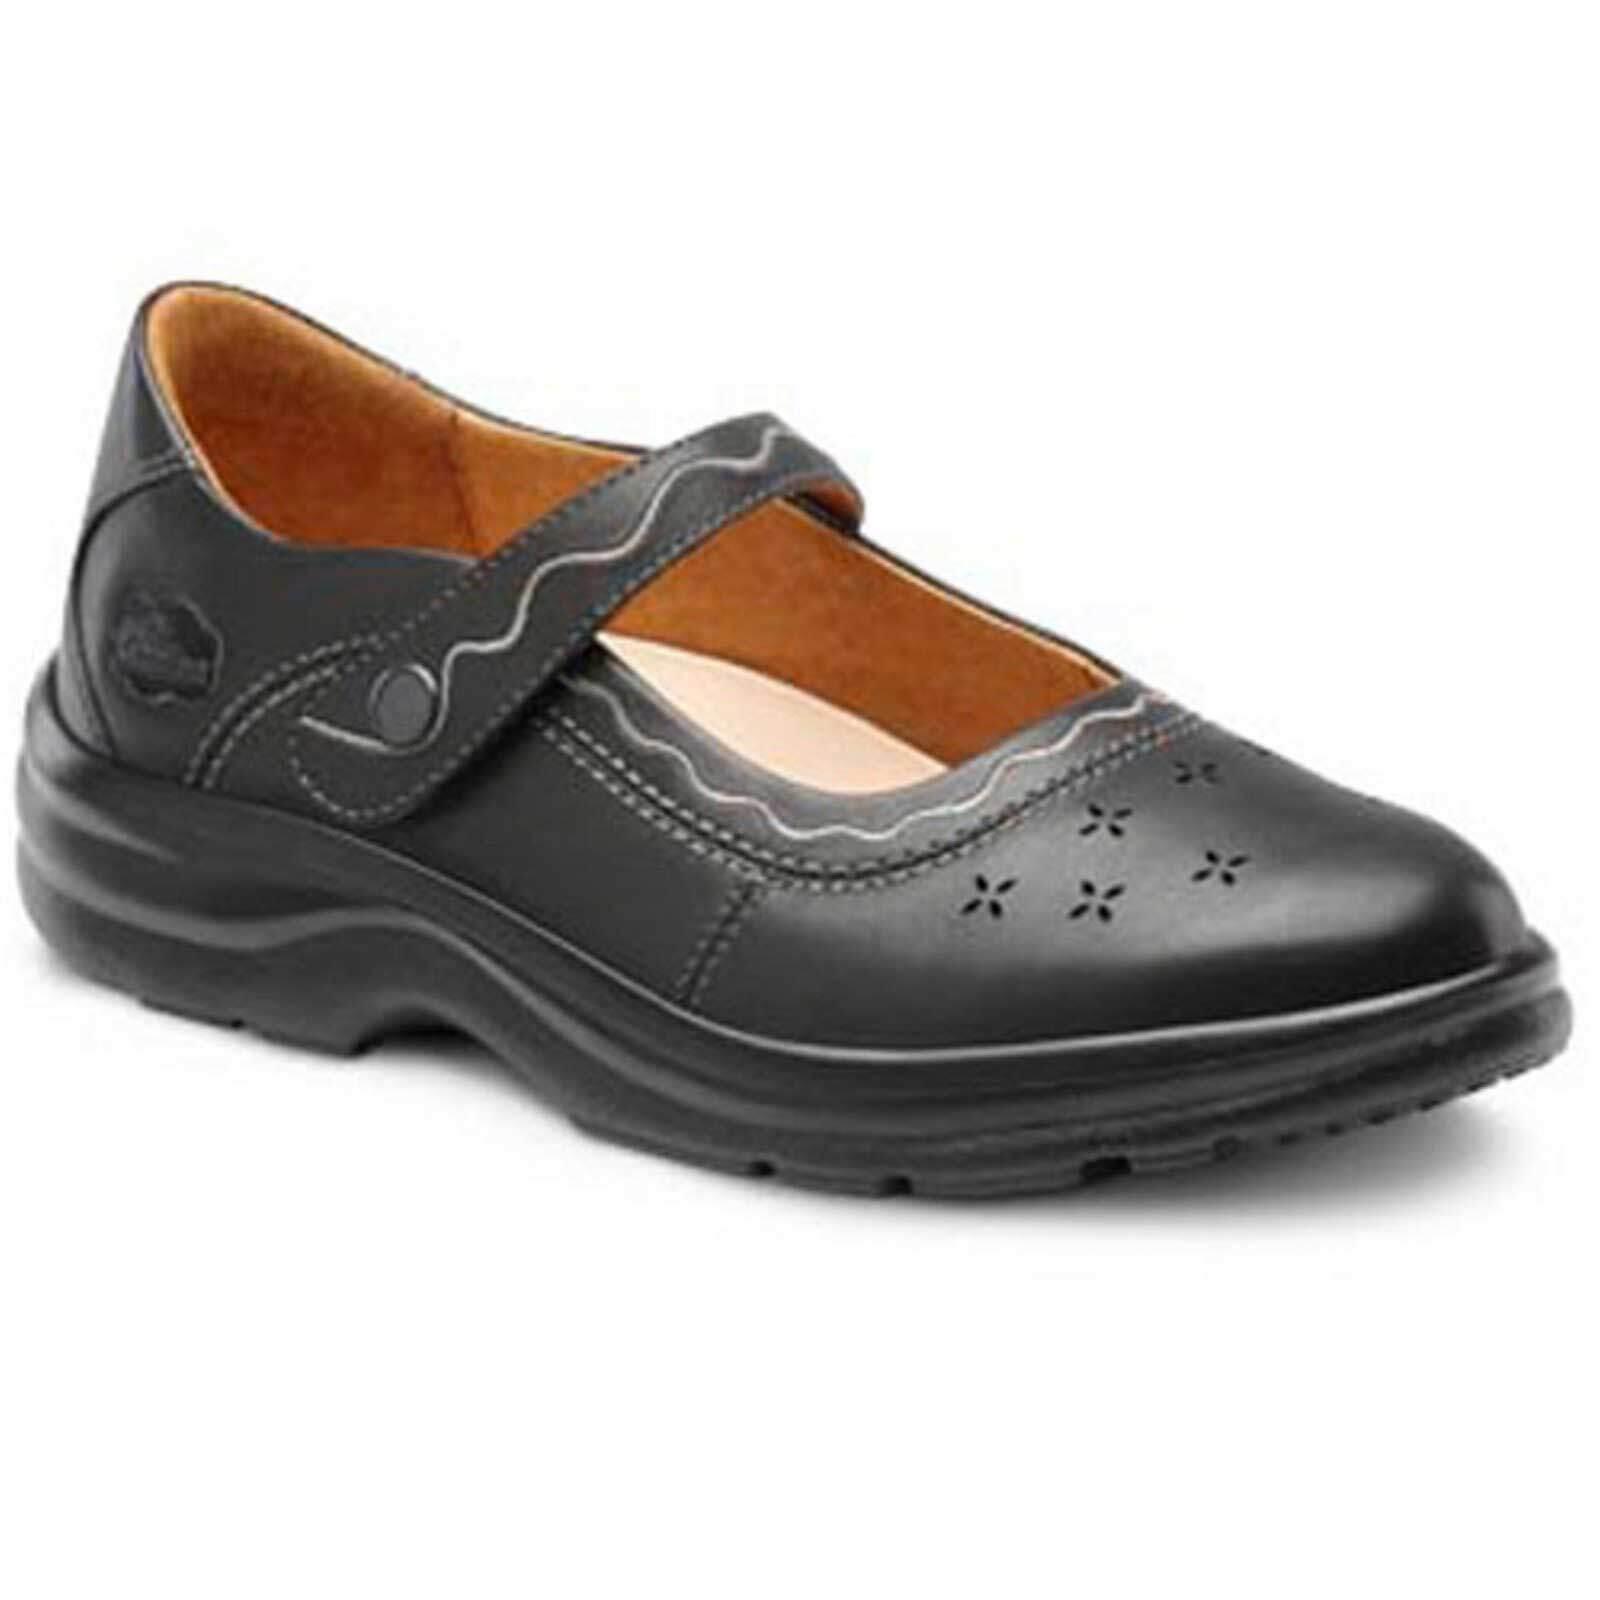 Details about Dr Comfort Shoes Sunshine Women's Therapeutic Diabetic